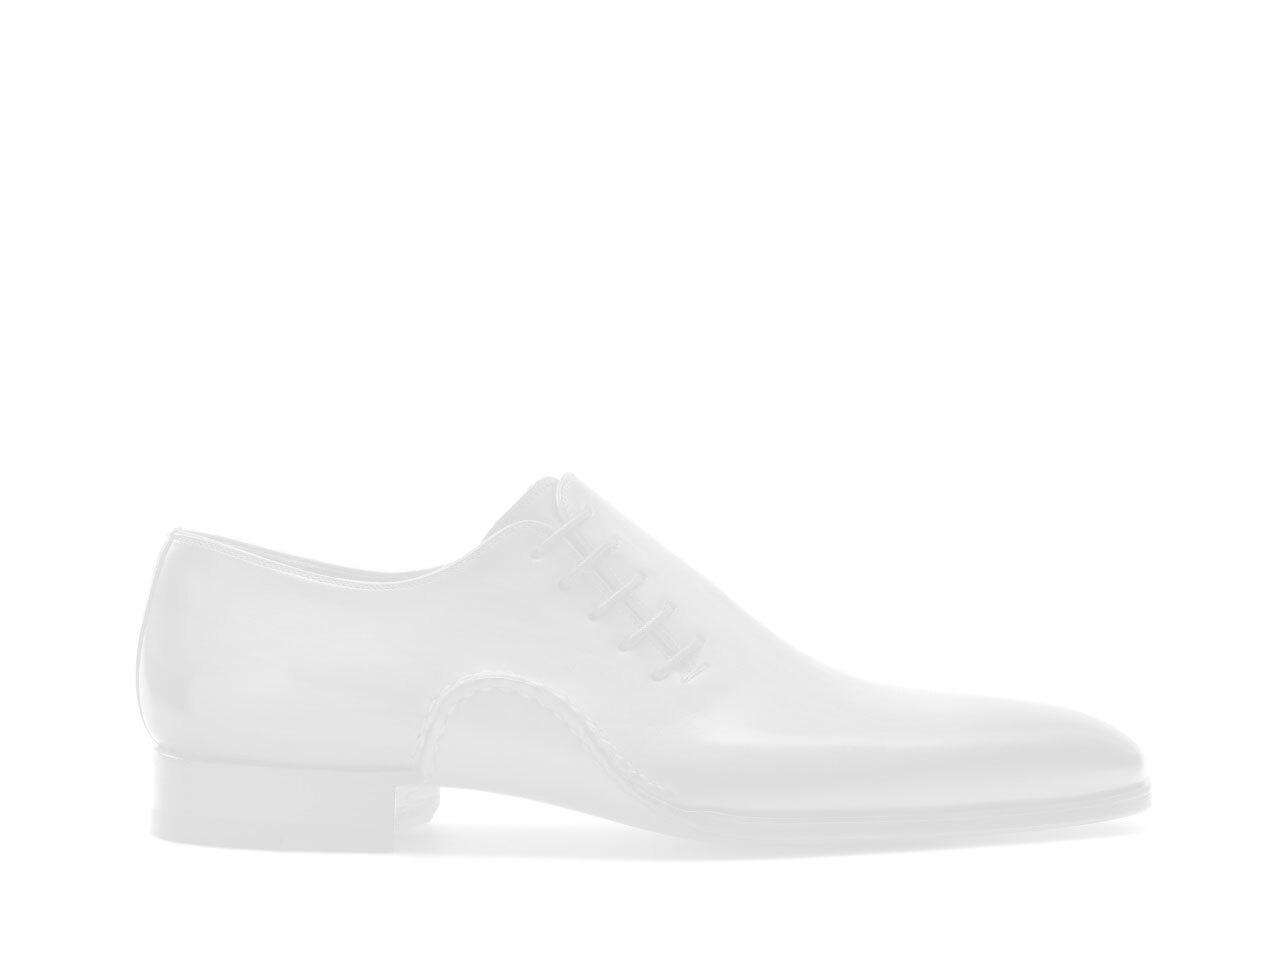 Sole of the Magnanni Lizandro Black Men's Sneakers